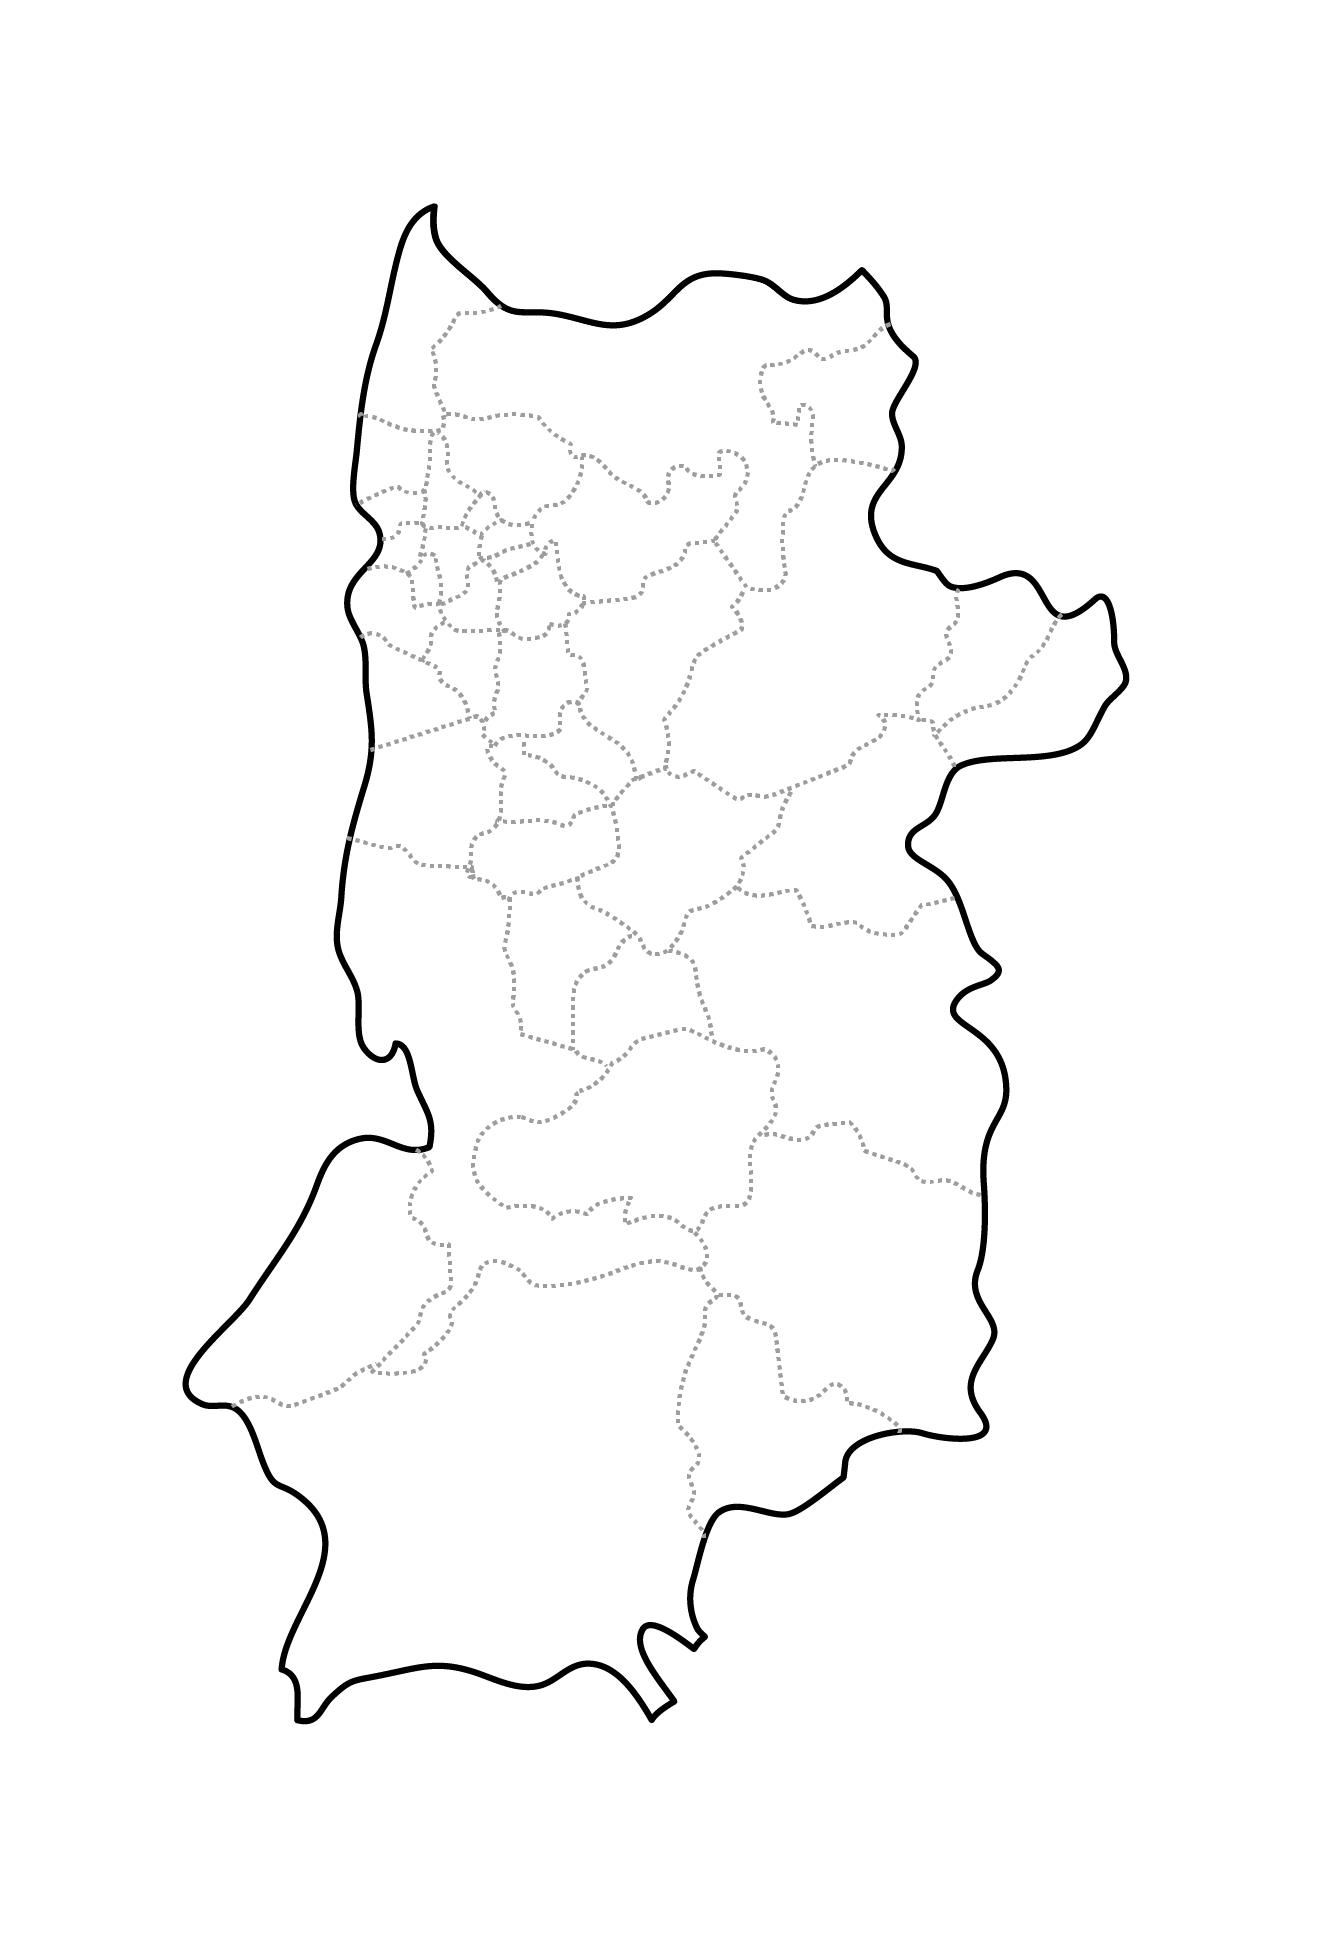 [白地図]奈良県・ラインあり・市区町村名なし